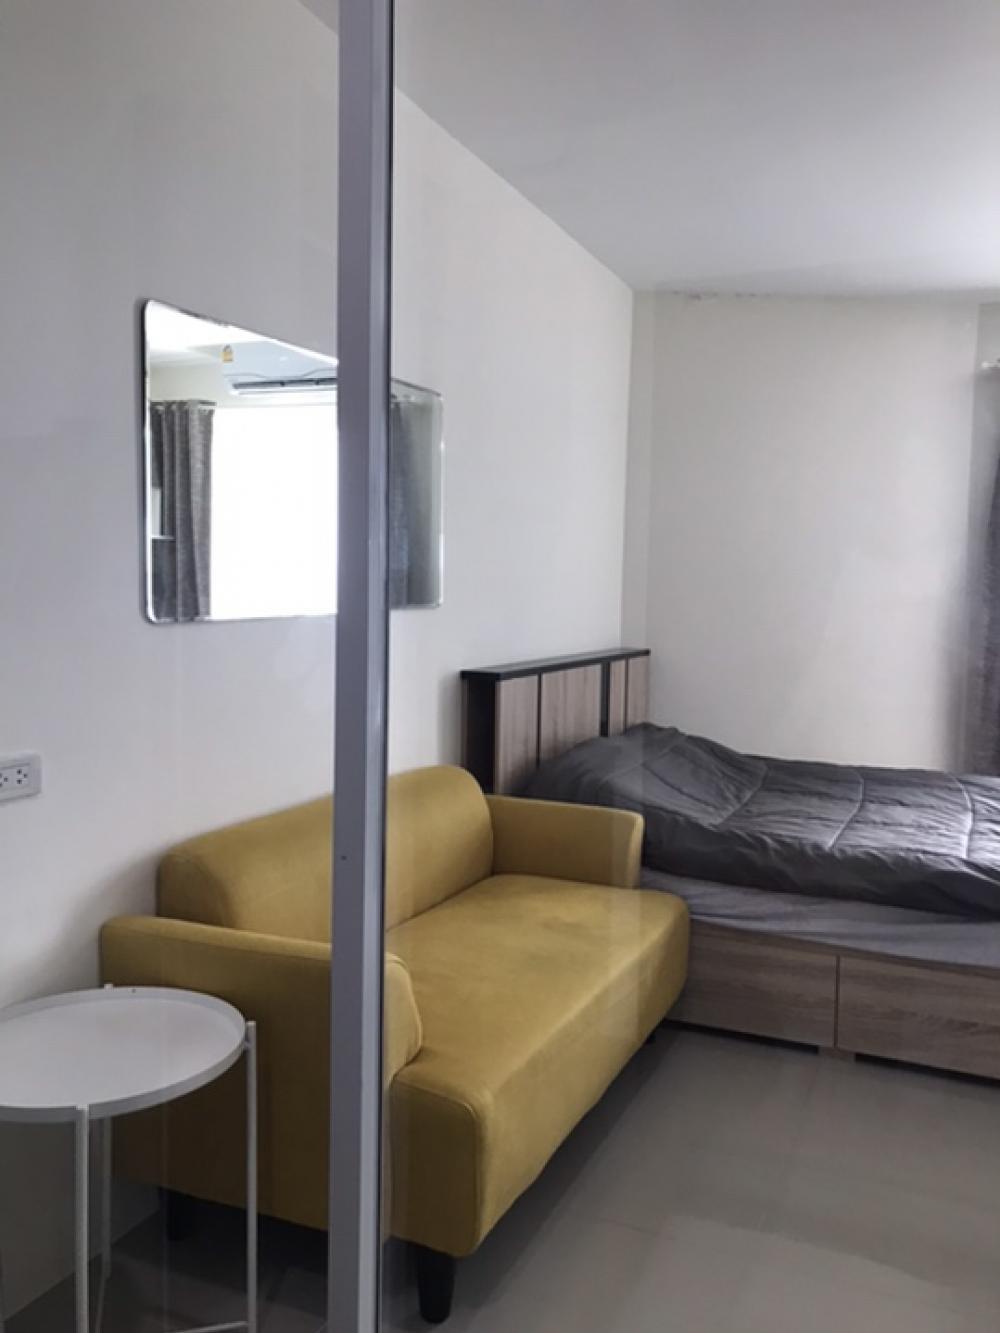 For RentCondoPattanakan, Srinakarin : Assakan place, Pattanakarn Srinakarin crossroad. New condominium 6500per month